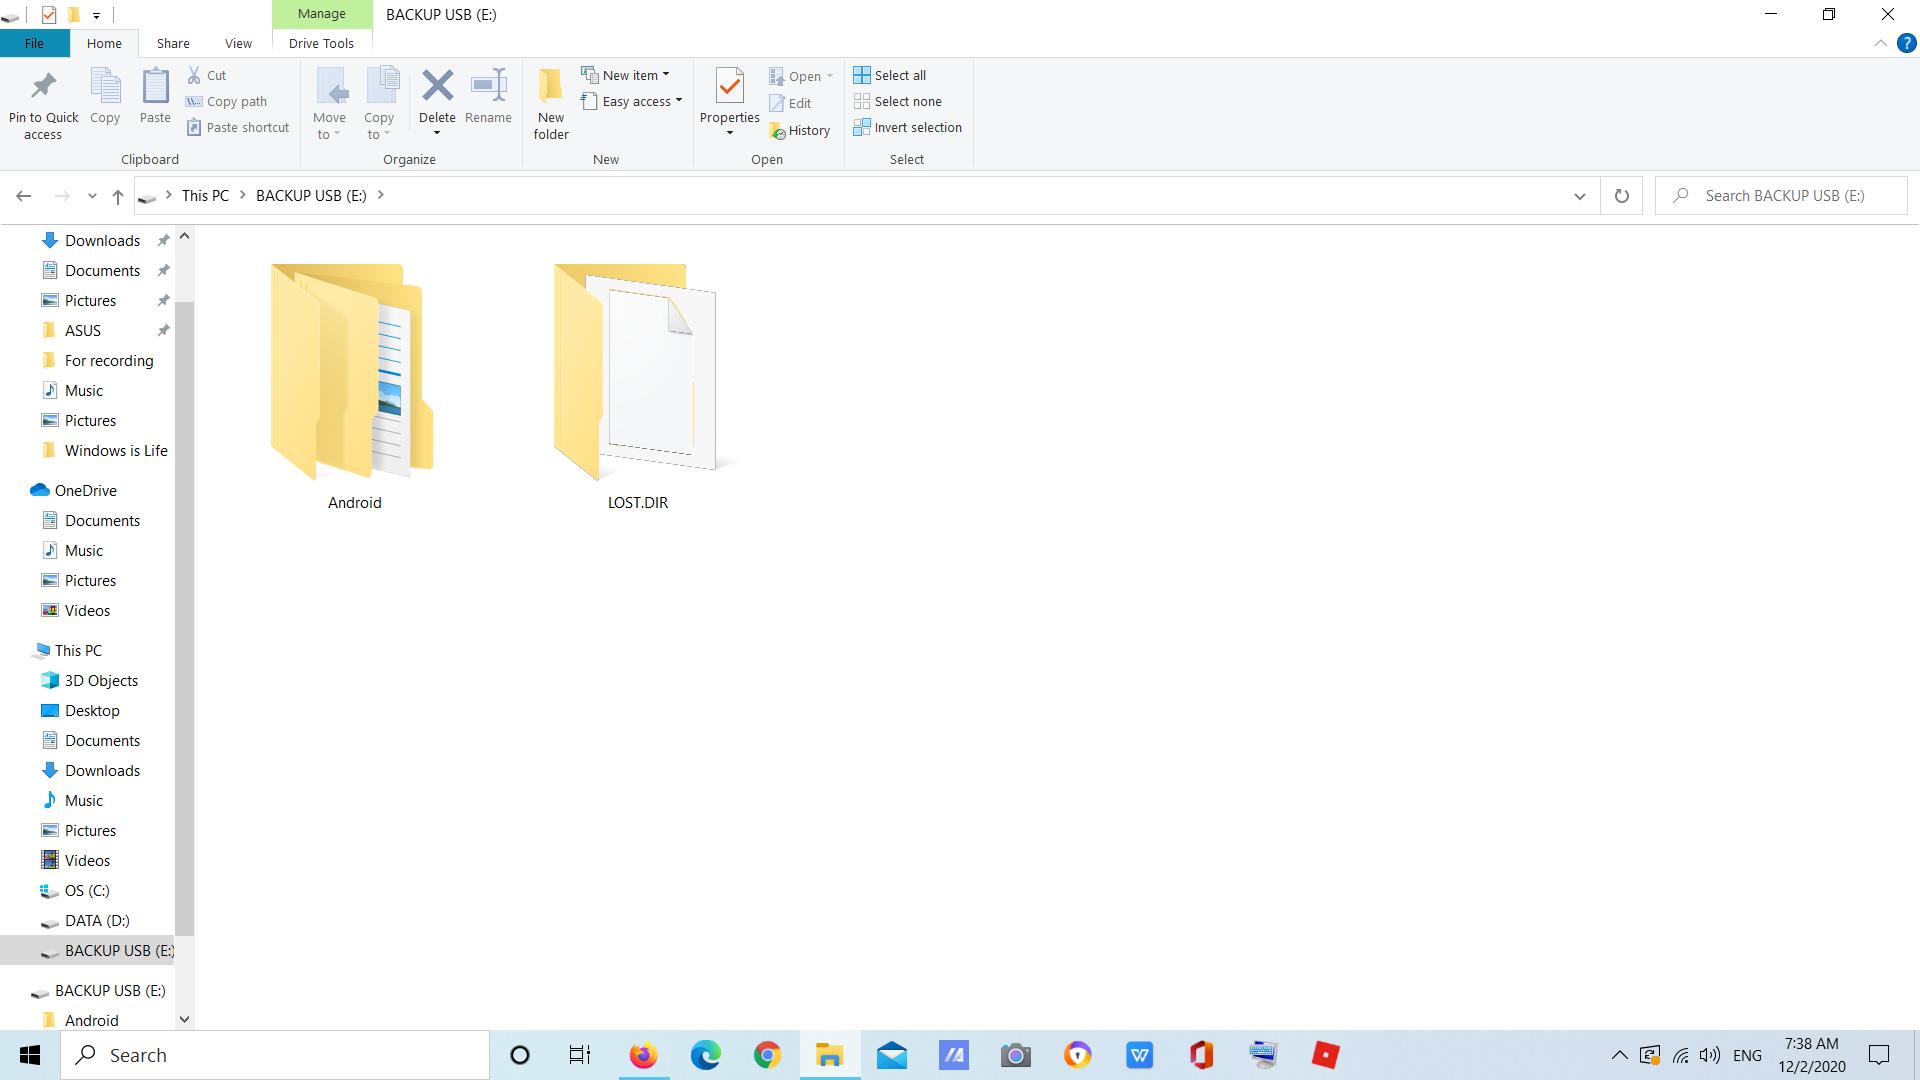 I Didn't Put These 2 Folders Here fad39dec-5db1-40cc-811f-9763f758d2bb?upload=true.png